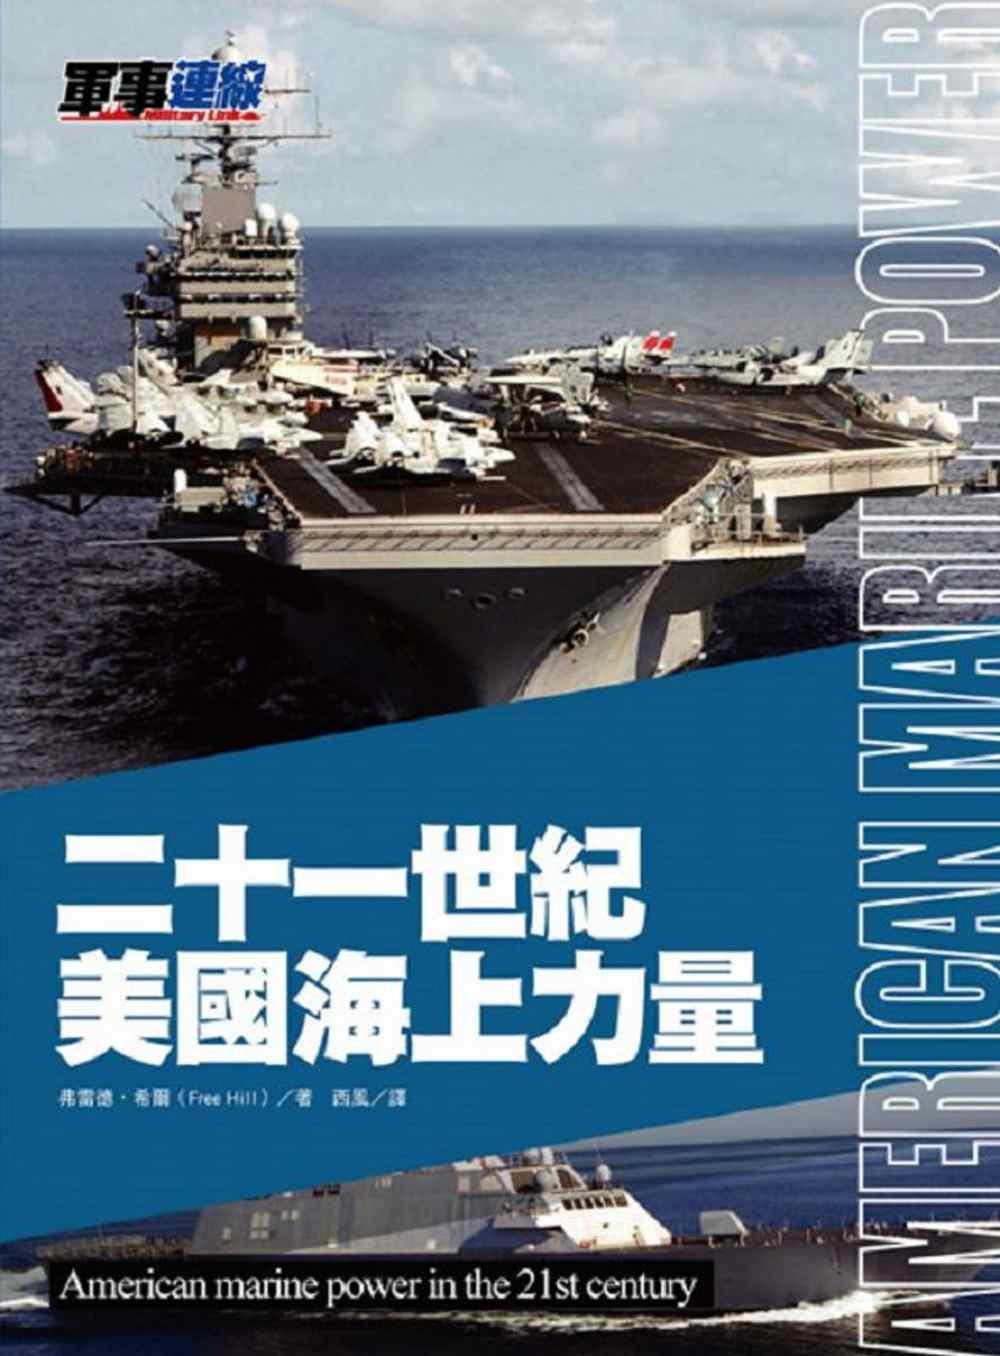 二十一世紀美國海上力量